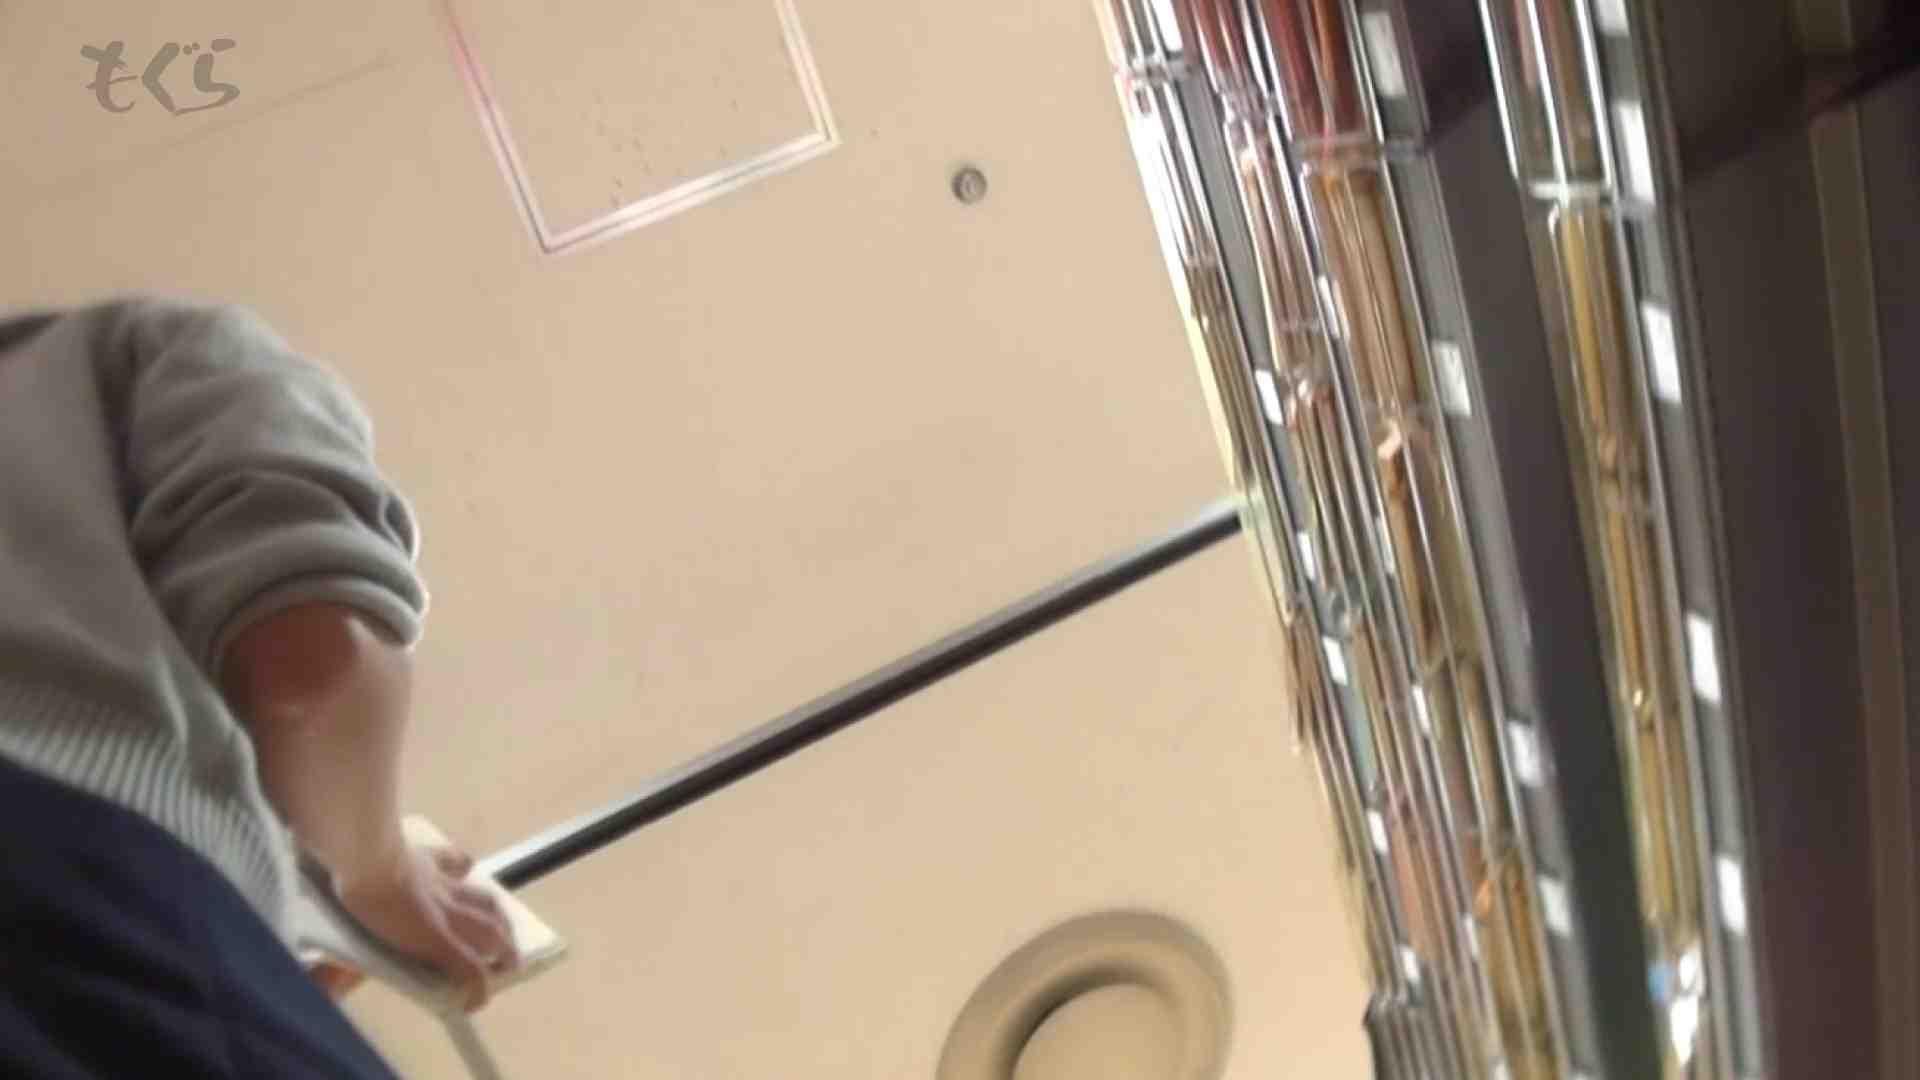 隣から【期間限定品】No.14 黒髪のJDを粘着撮り!! 高画質 AV動画キャプチャ 76枚 58